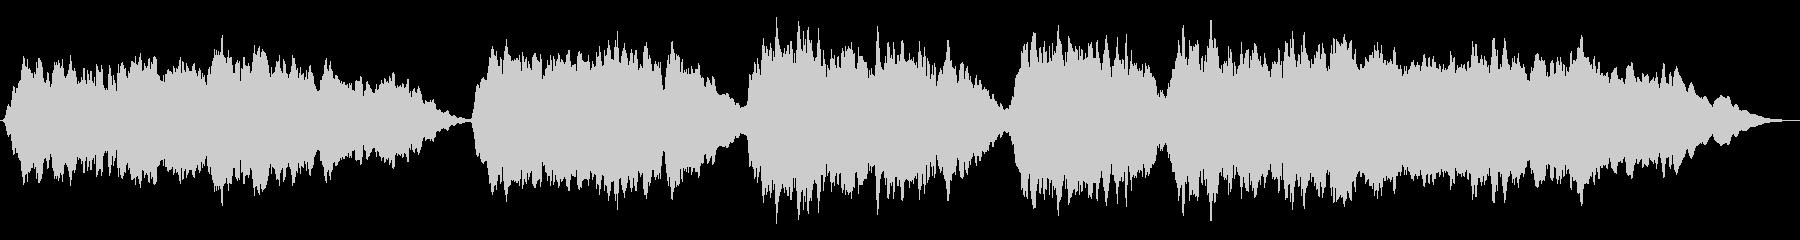 【アンビエント】オーロラ、幻想的な曲の未再生の波形